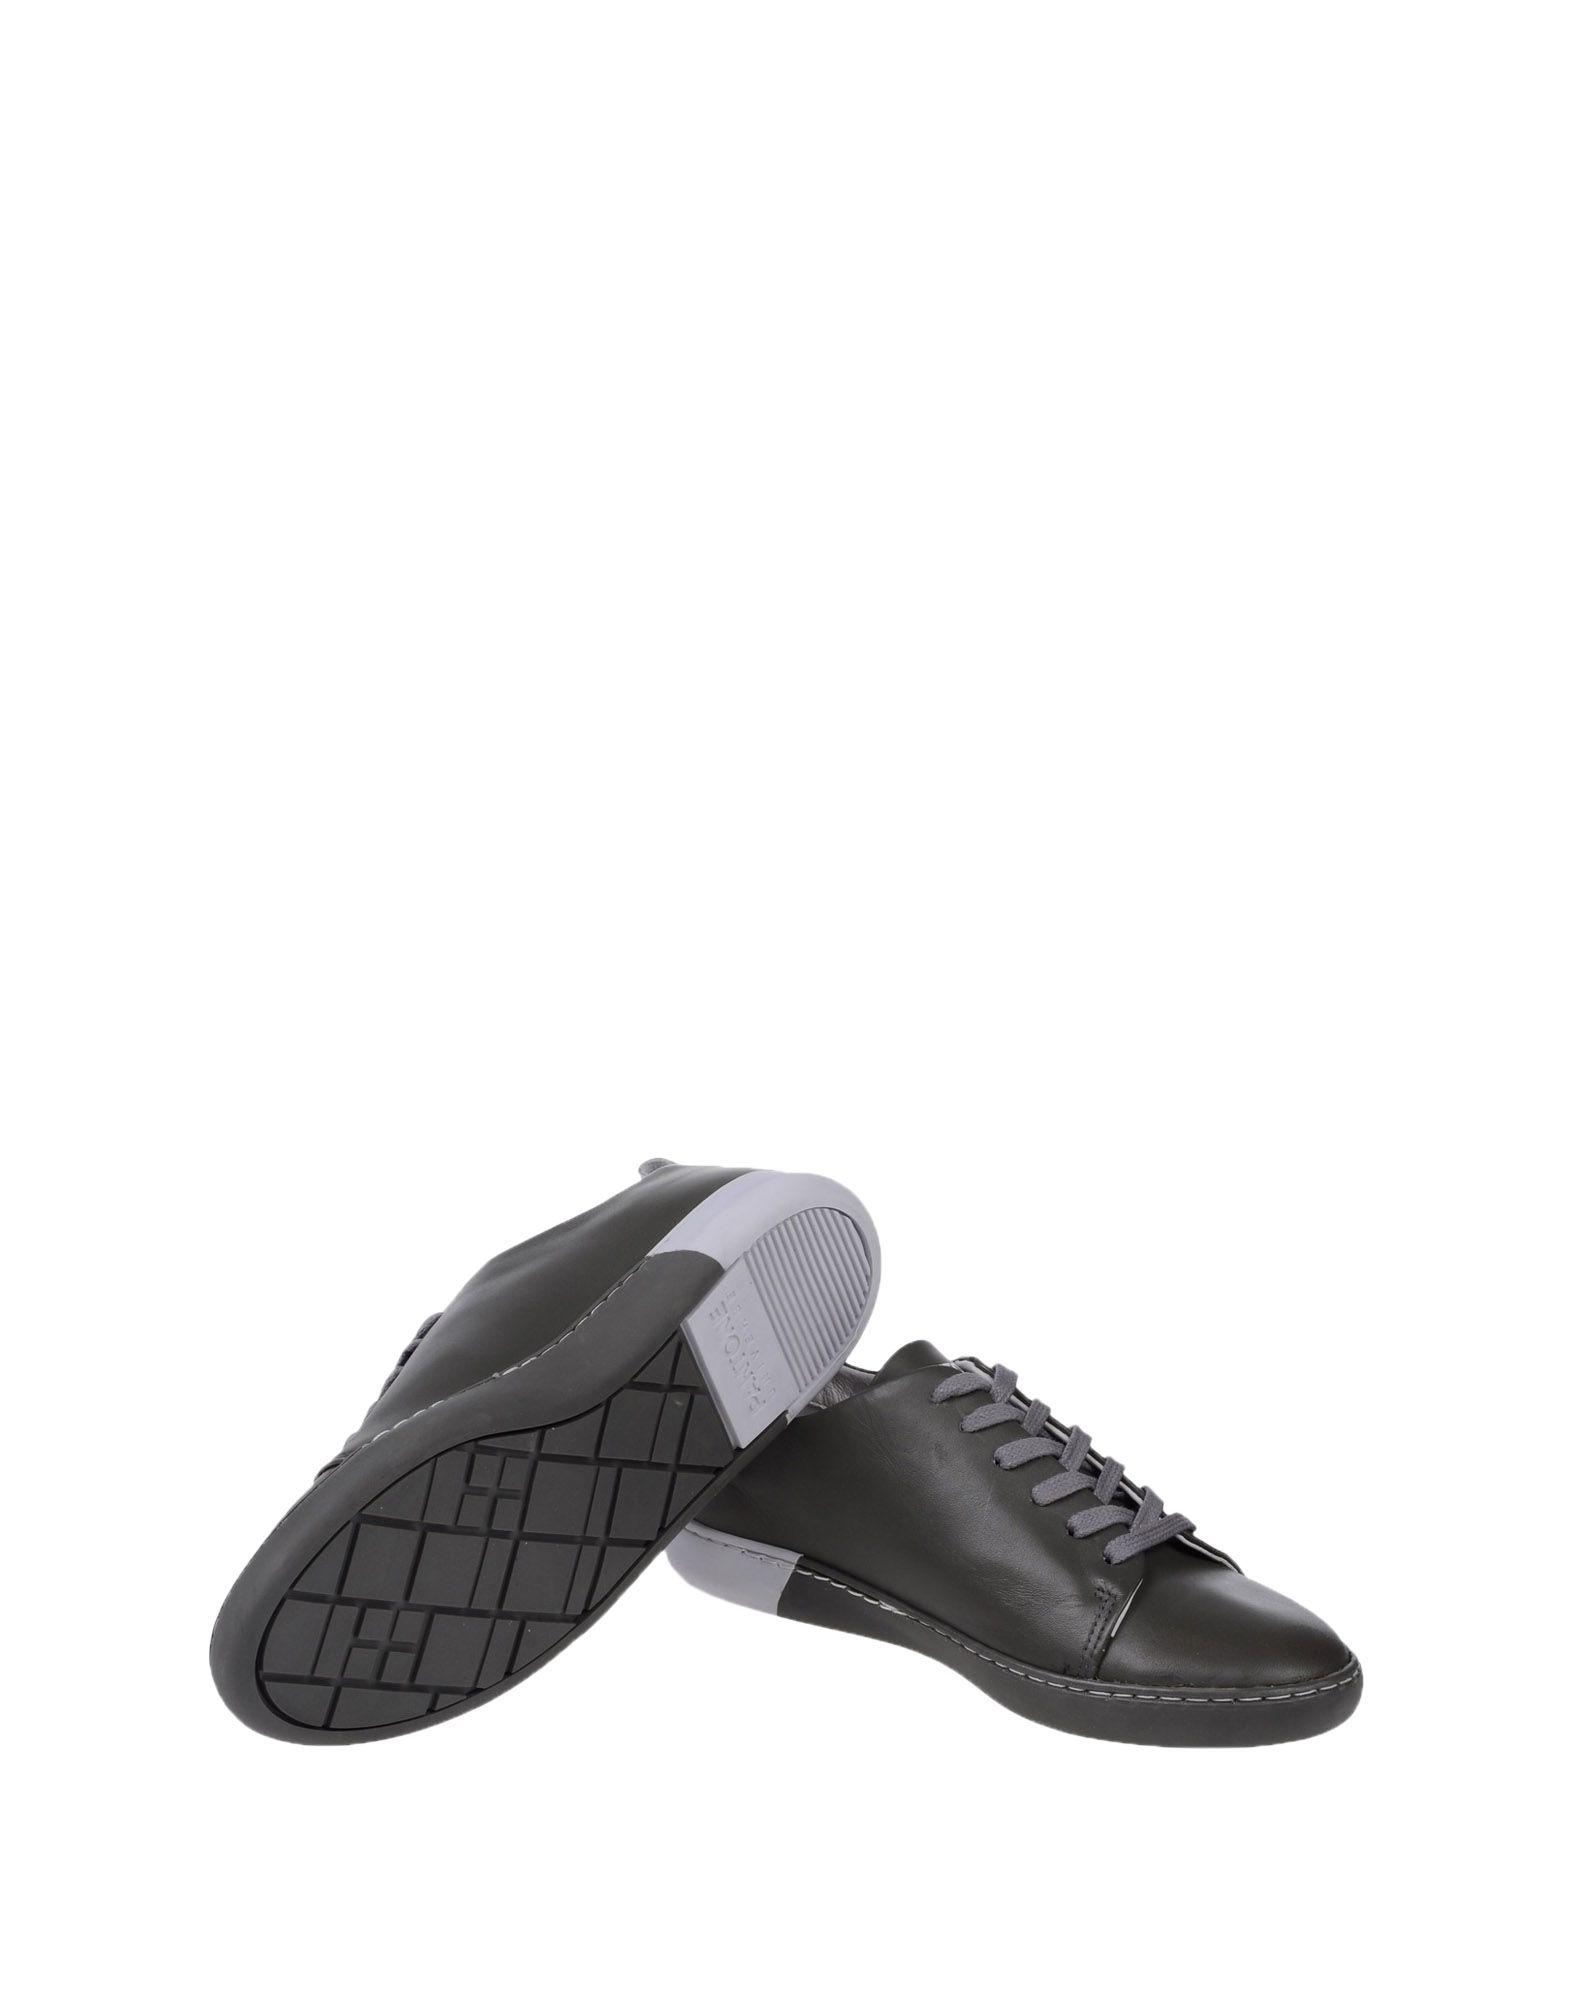 Sneakers Pantone Universe Footwear Nyc - Femme - Sneakers Pantone Universe Footwear sur